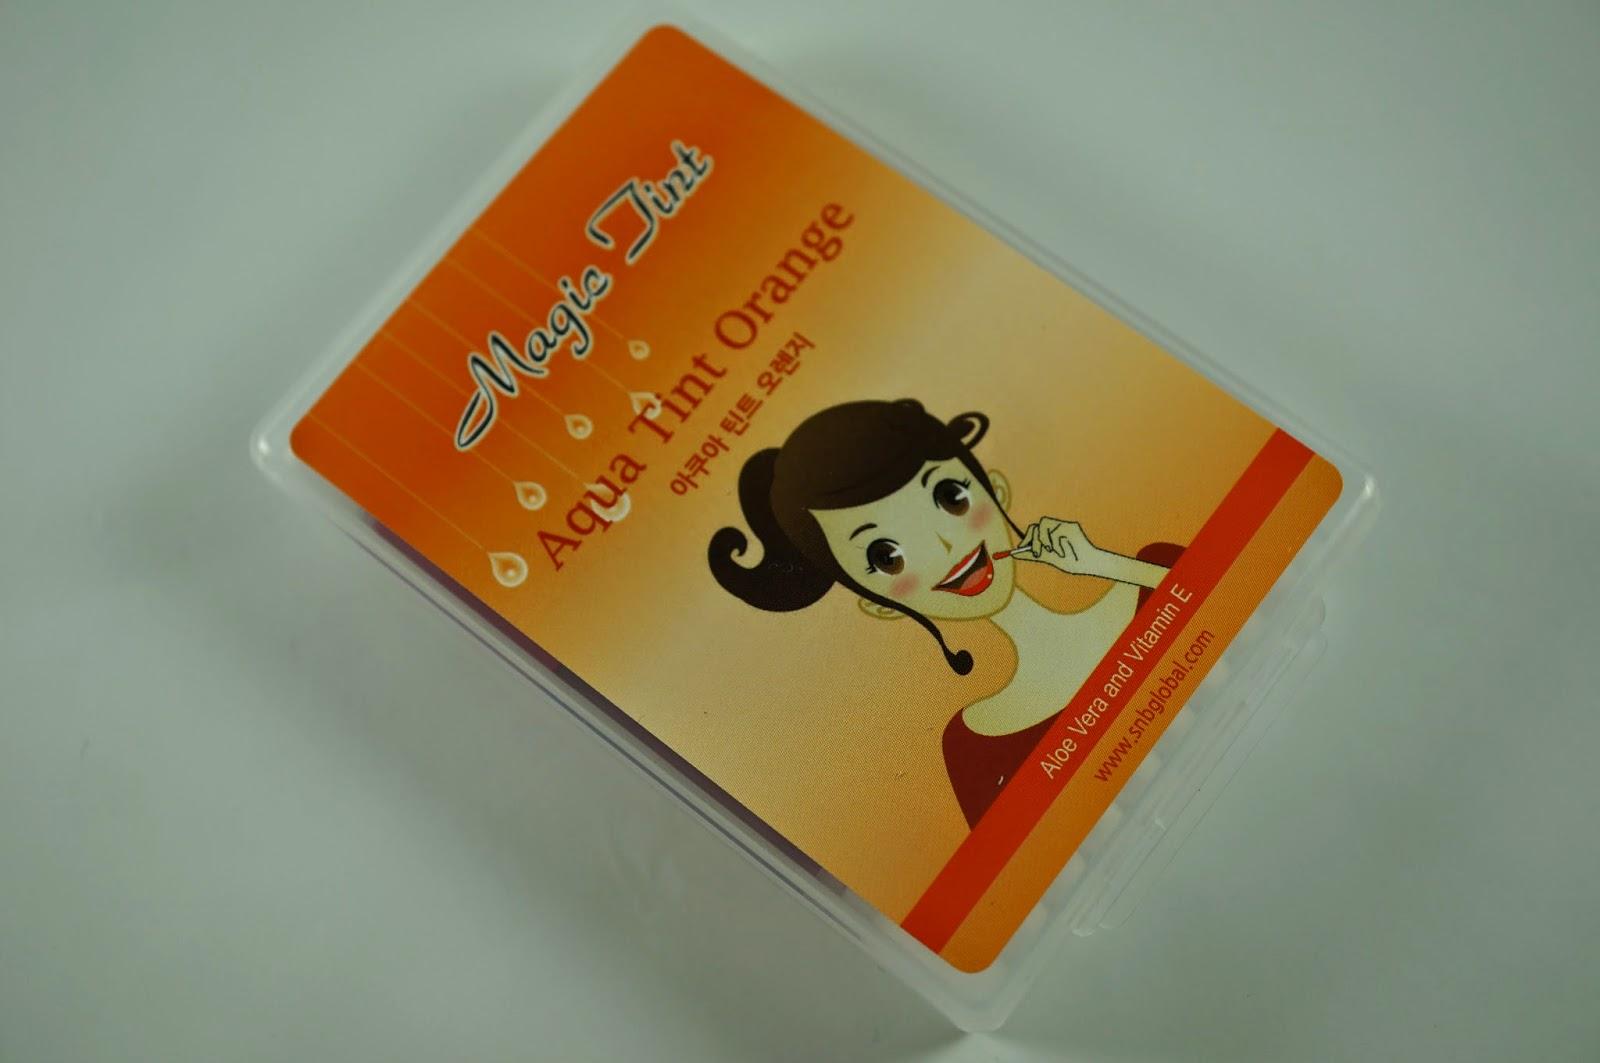 Memebox #25 Traveller's Traveler's Beauty Kit Unboxing Review S&B Aqua Tint Orange